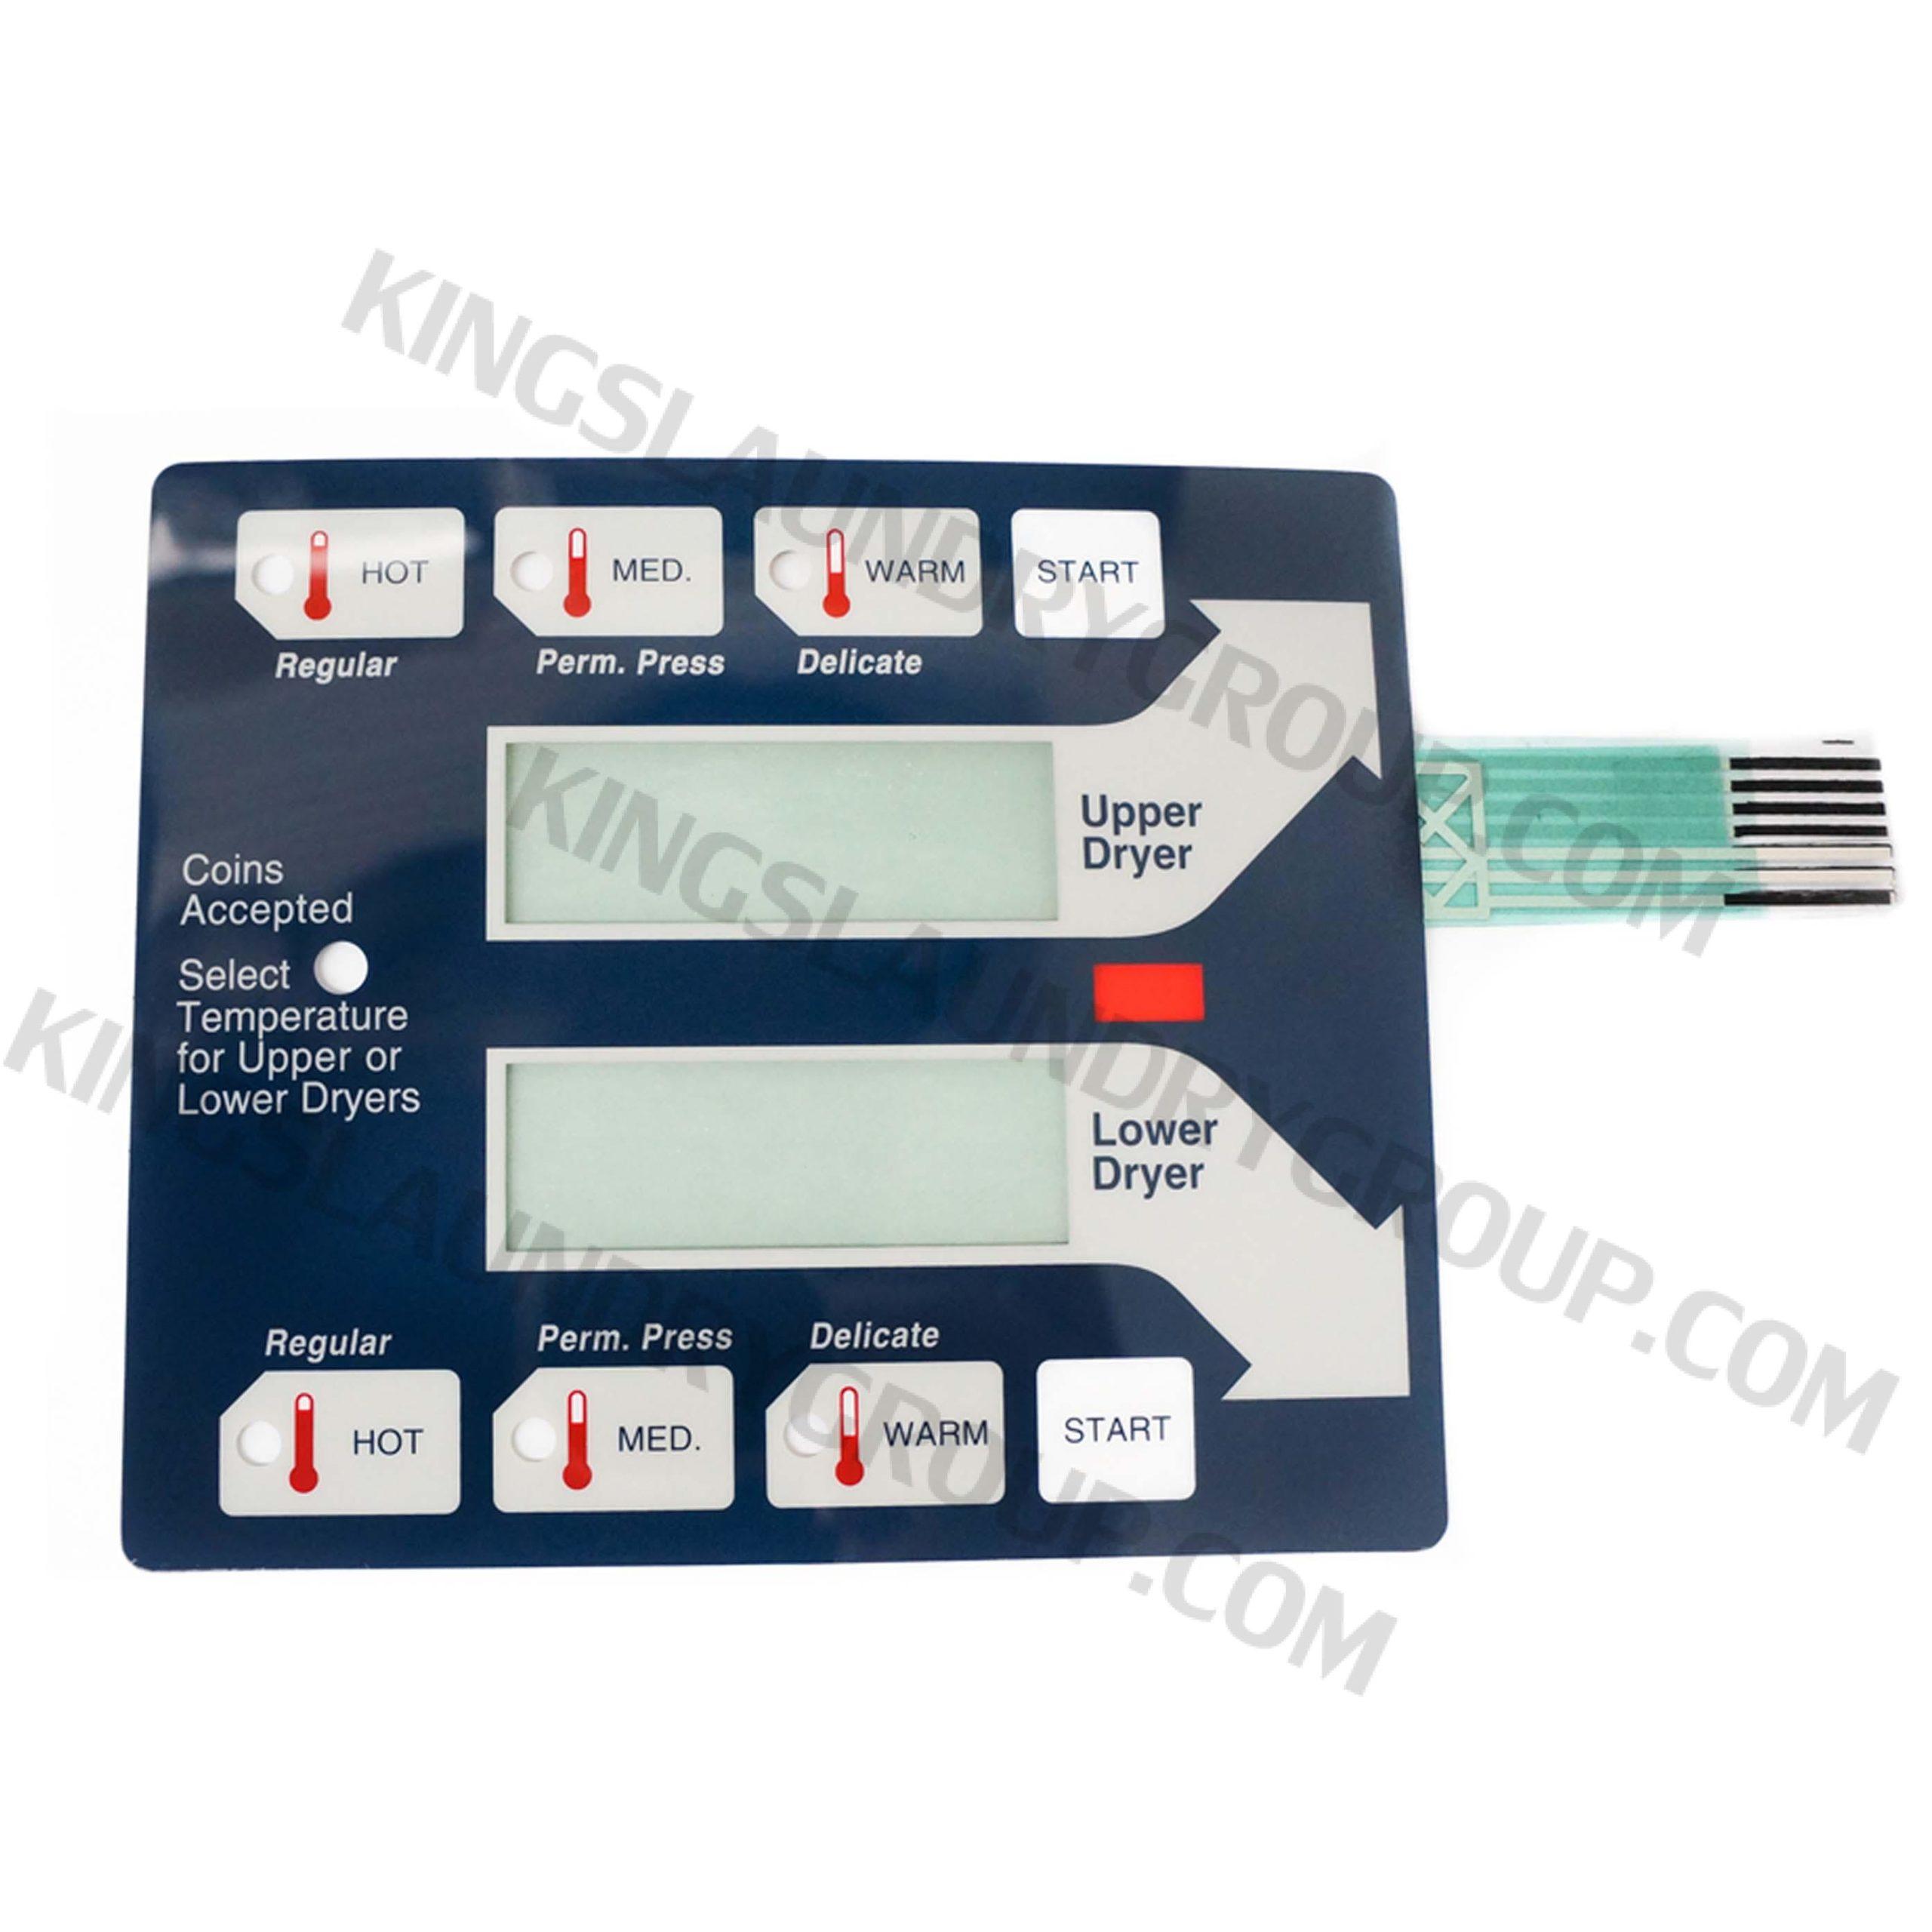 For # 9801-059-004 Dryer Computer Keypad